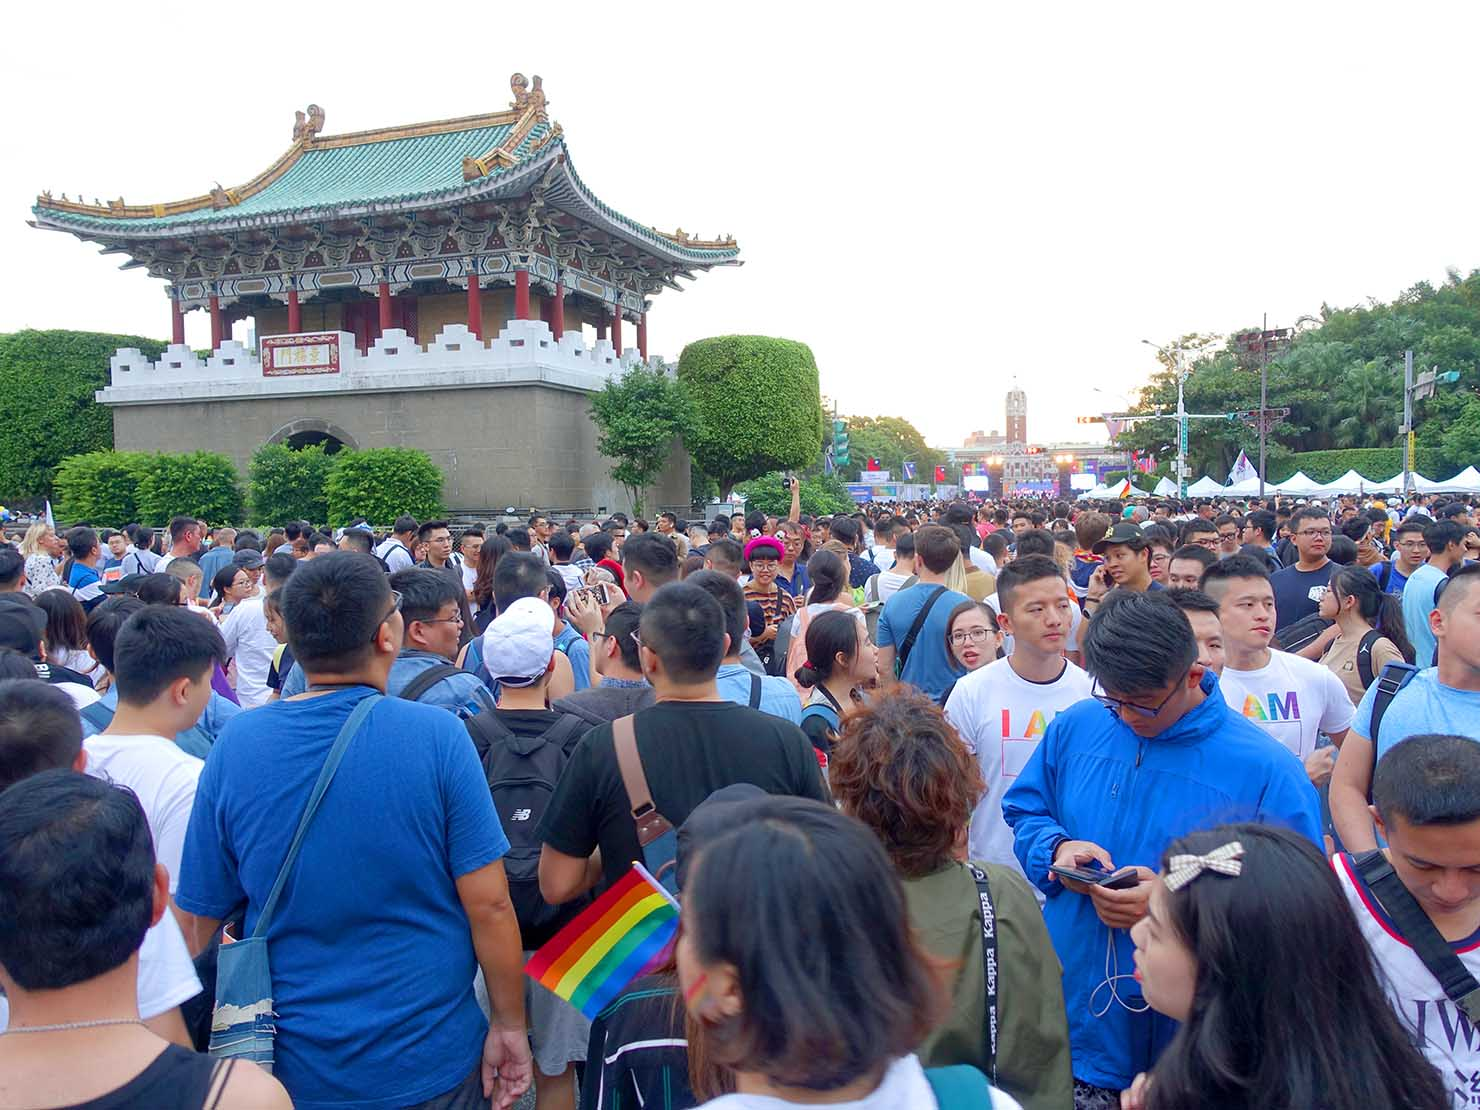 台灣同志遊行(台湾LGBTプライド)2019パレードのゴール地点となった總統府前